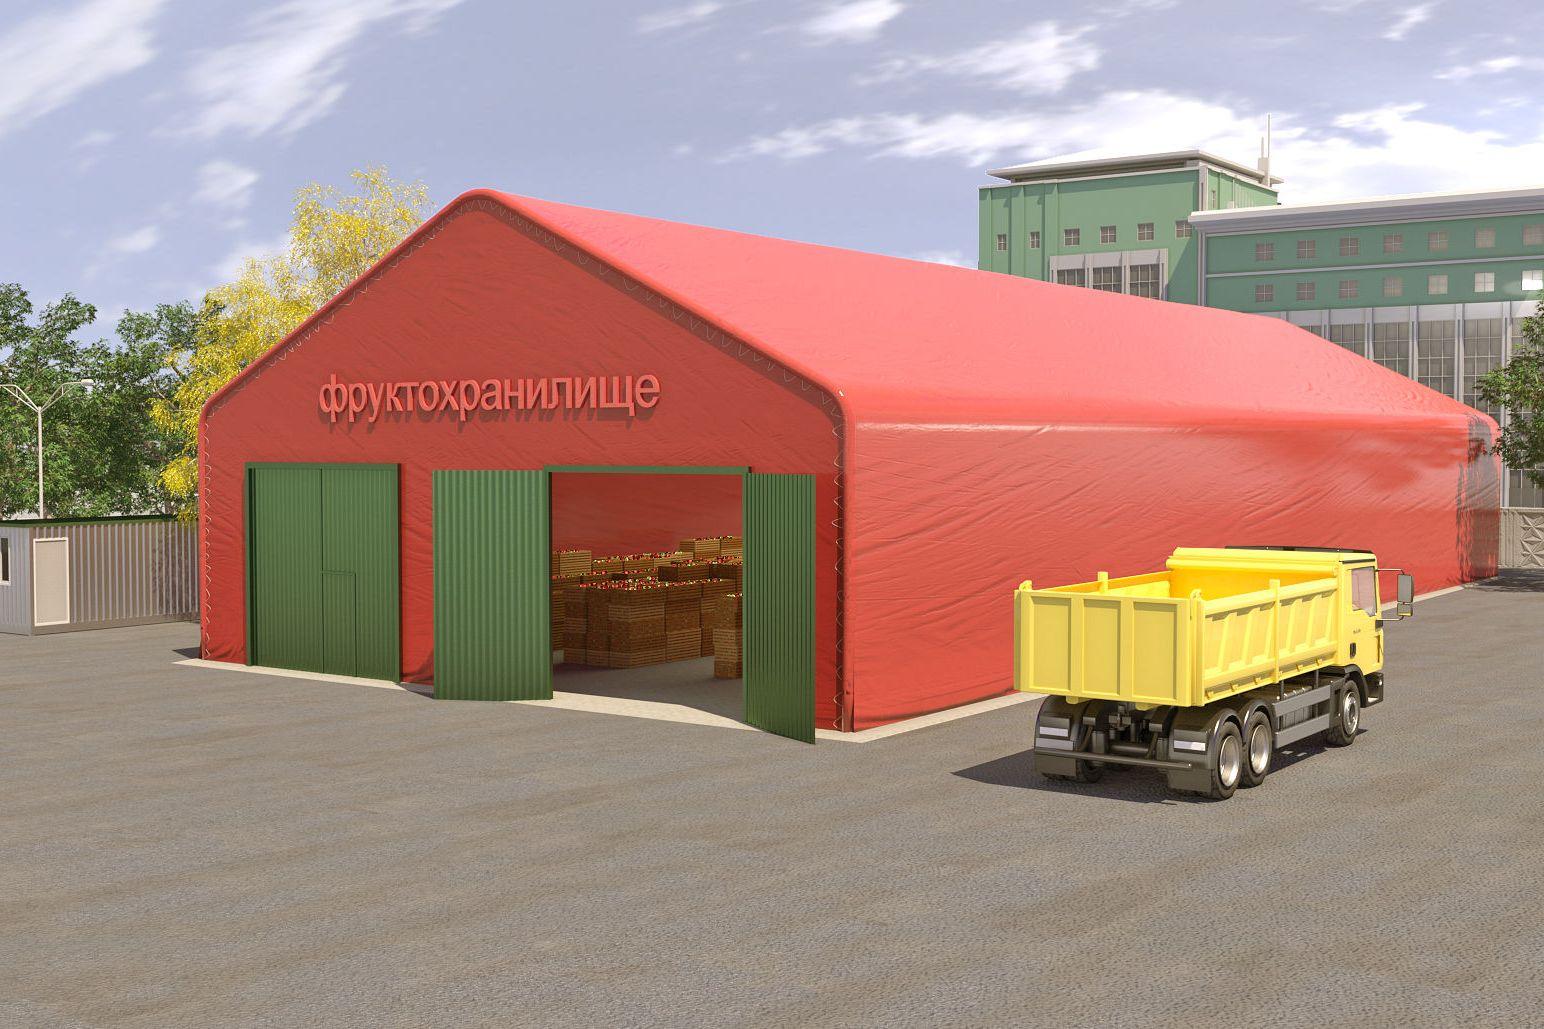 Почему стоит заказать строительство зернохранилища по бескаркасной технологии?